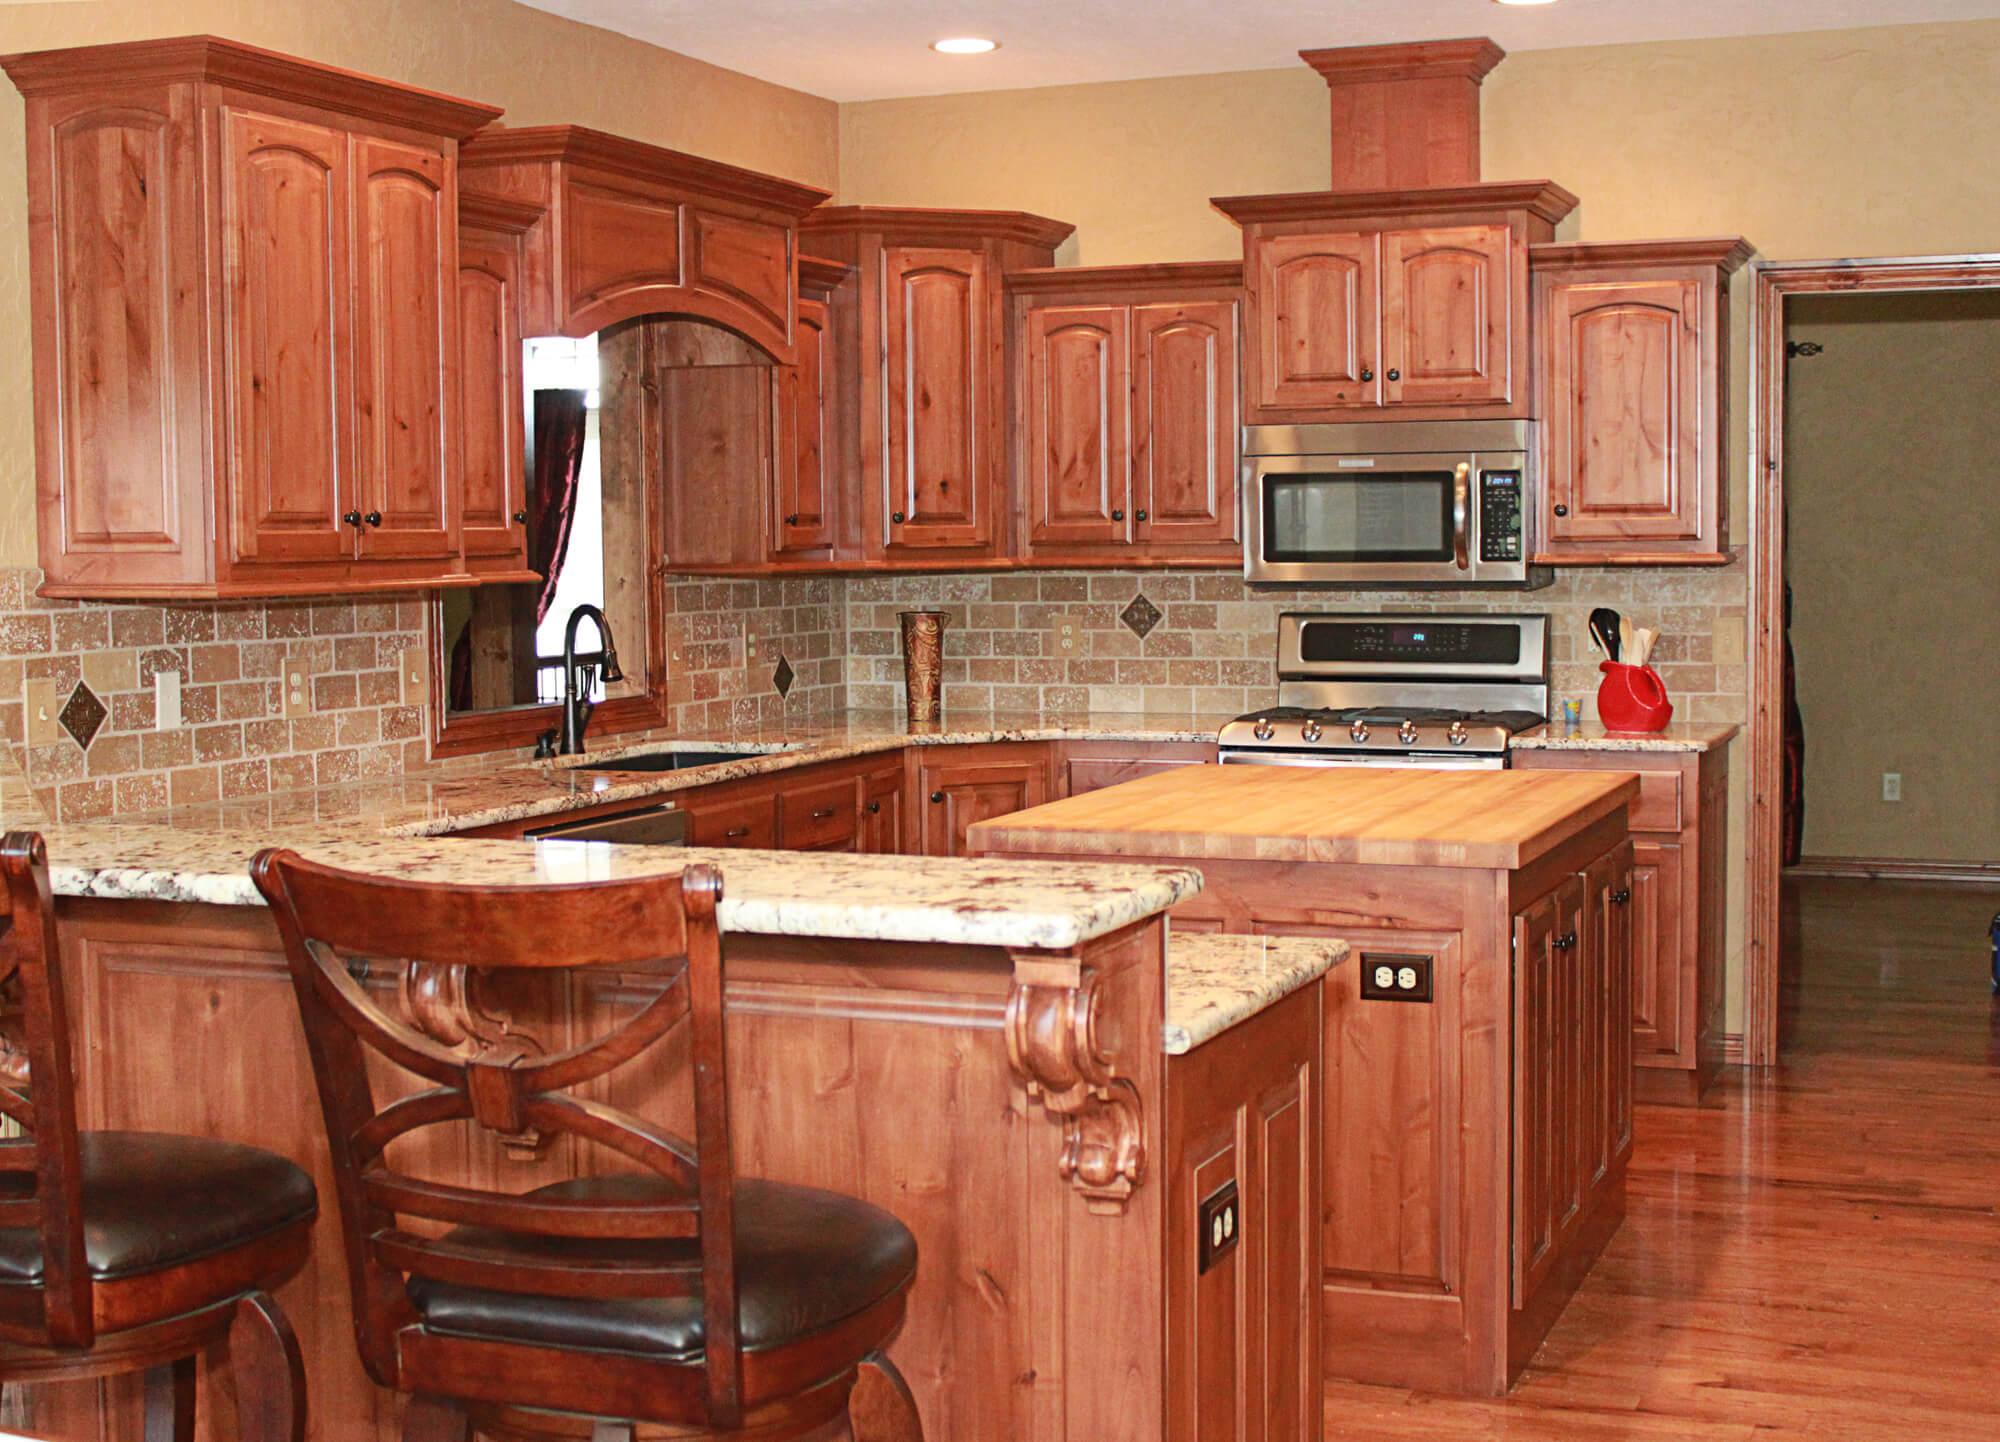 custom-kitchen-cabinet-knotty-alder-2